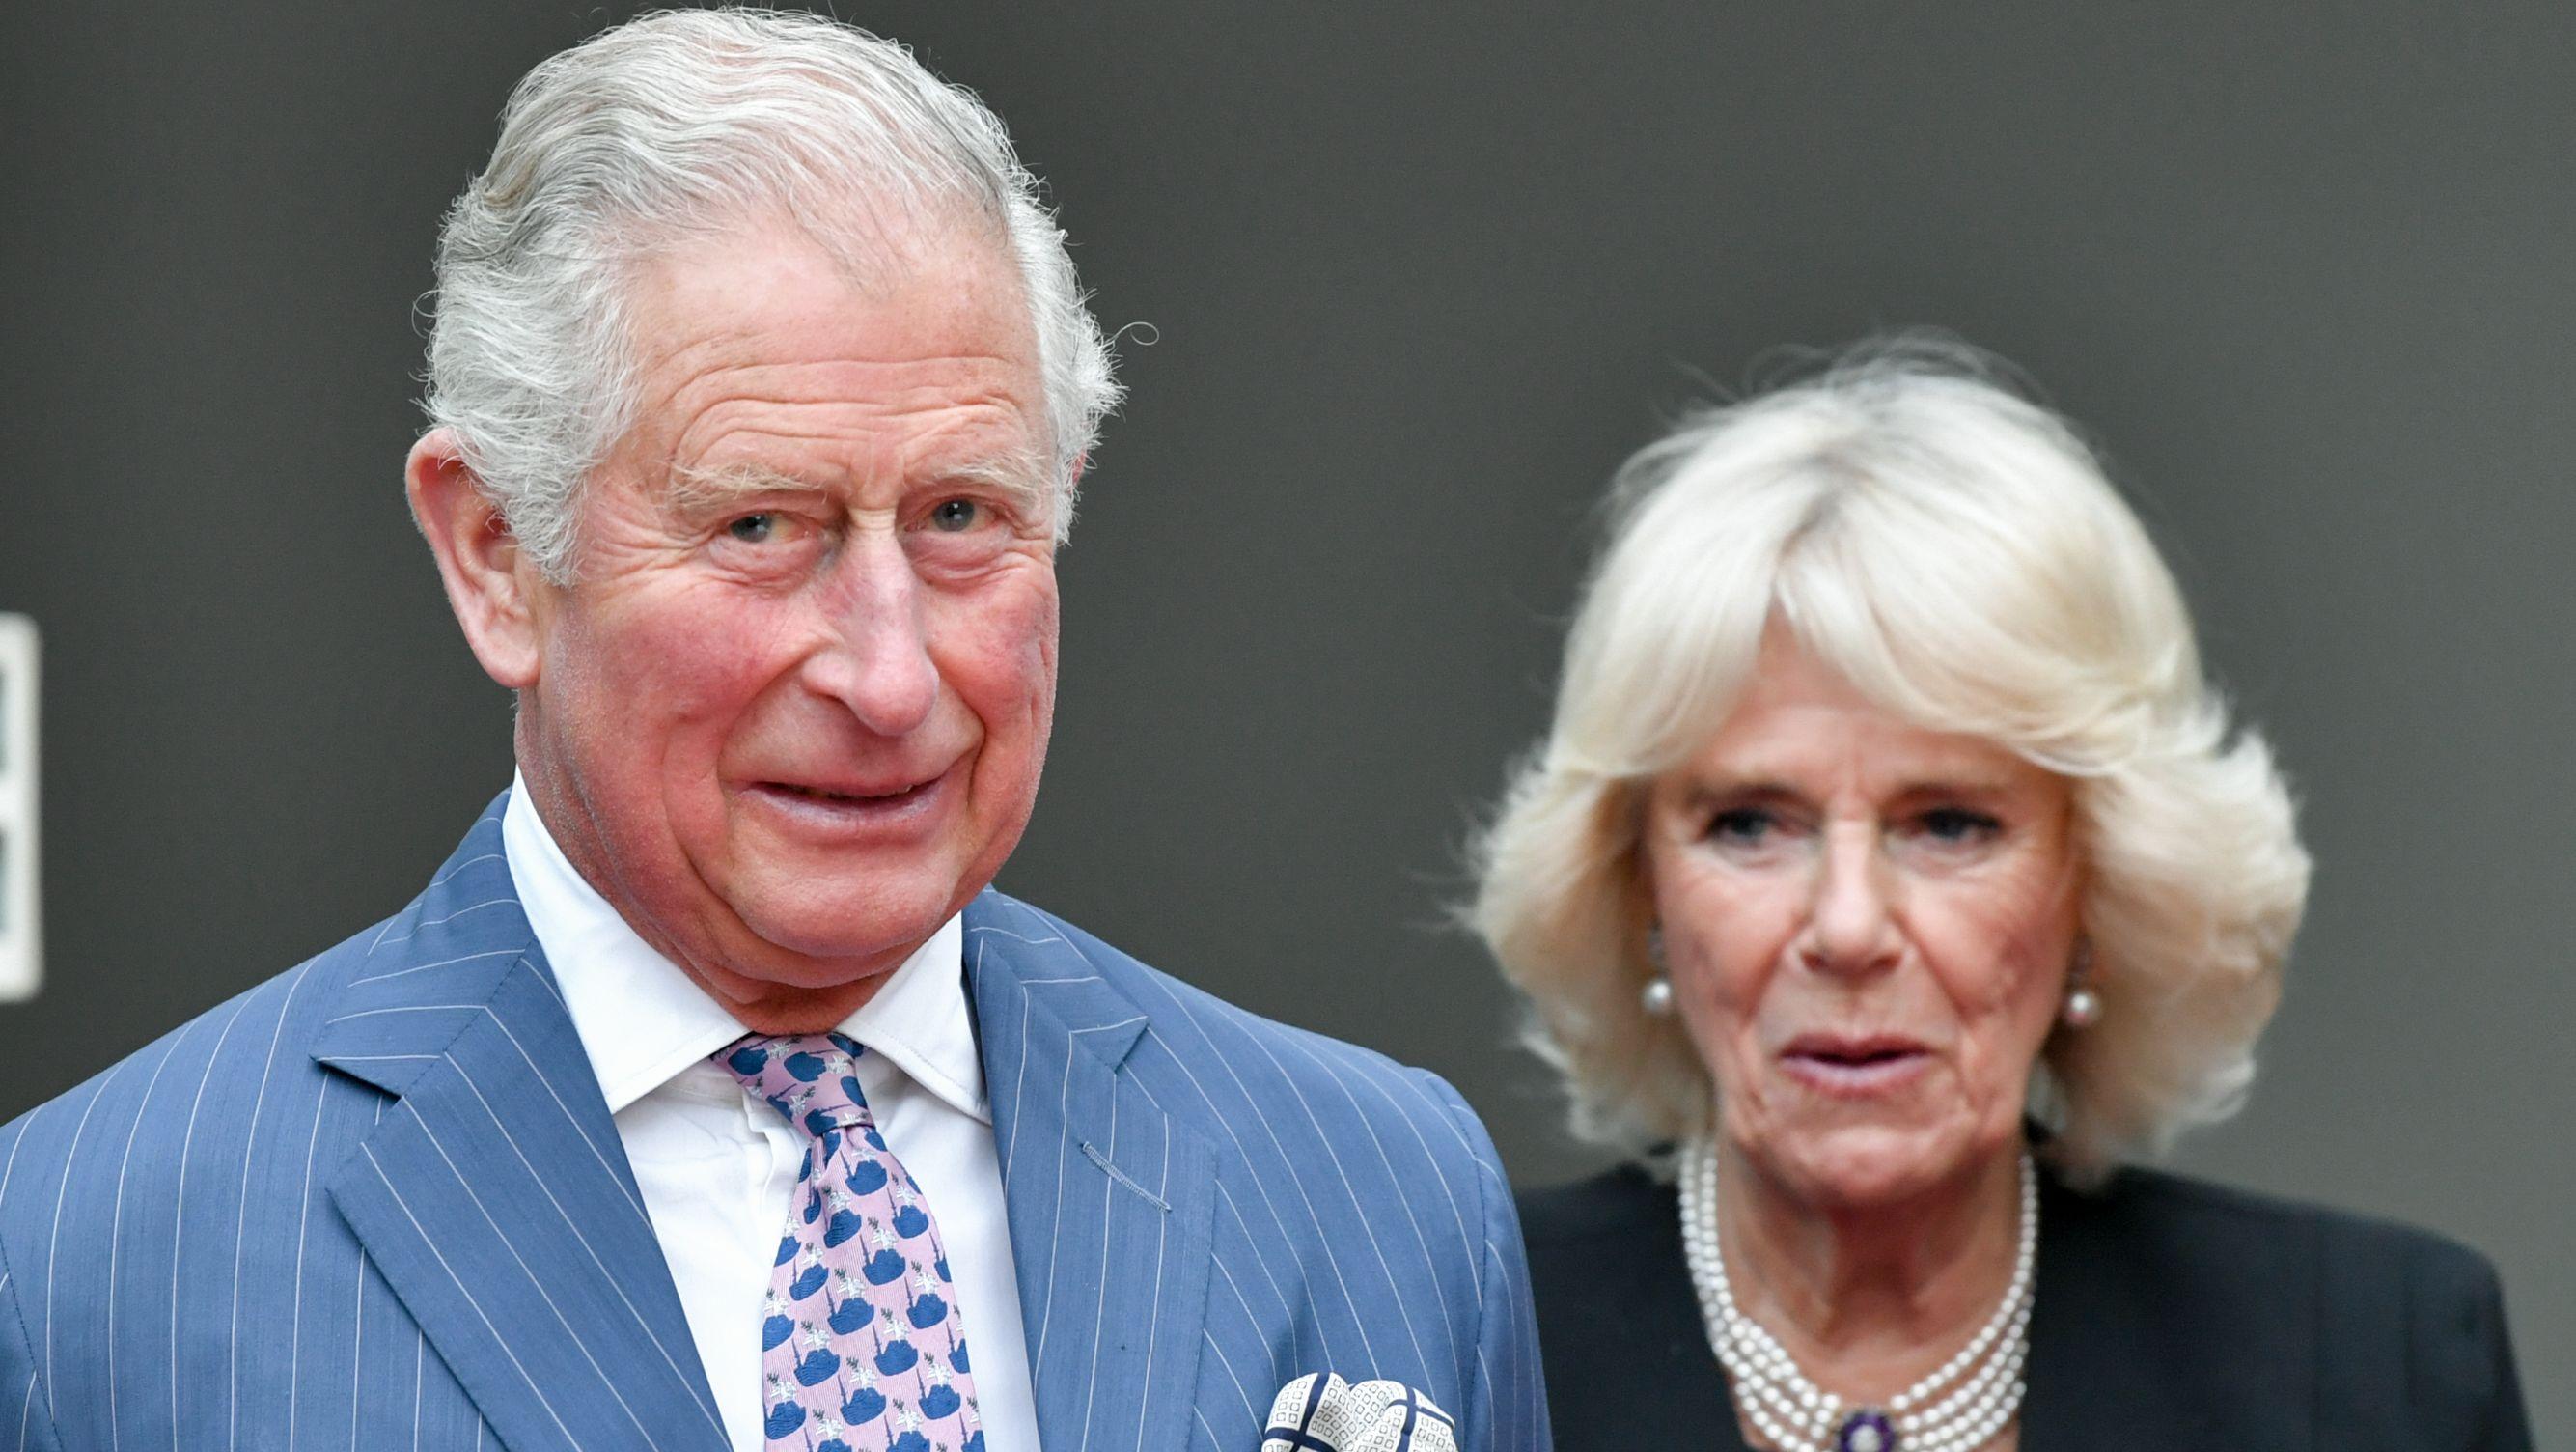 Berlin: Der britische Prinz Charles und seine Frau, Herzogin Camilla, nehmen am 07.05. an der Queen's Birthday Party in der Residenz des Botschafters von Großbritannien teil.